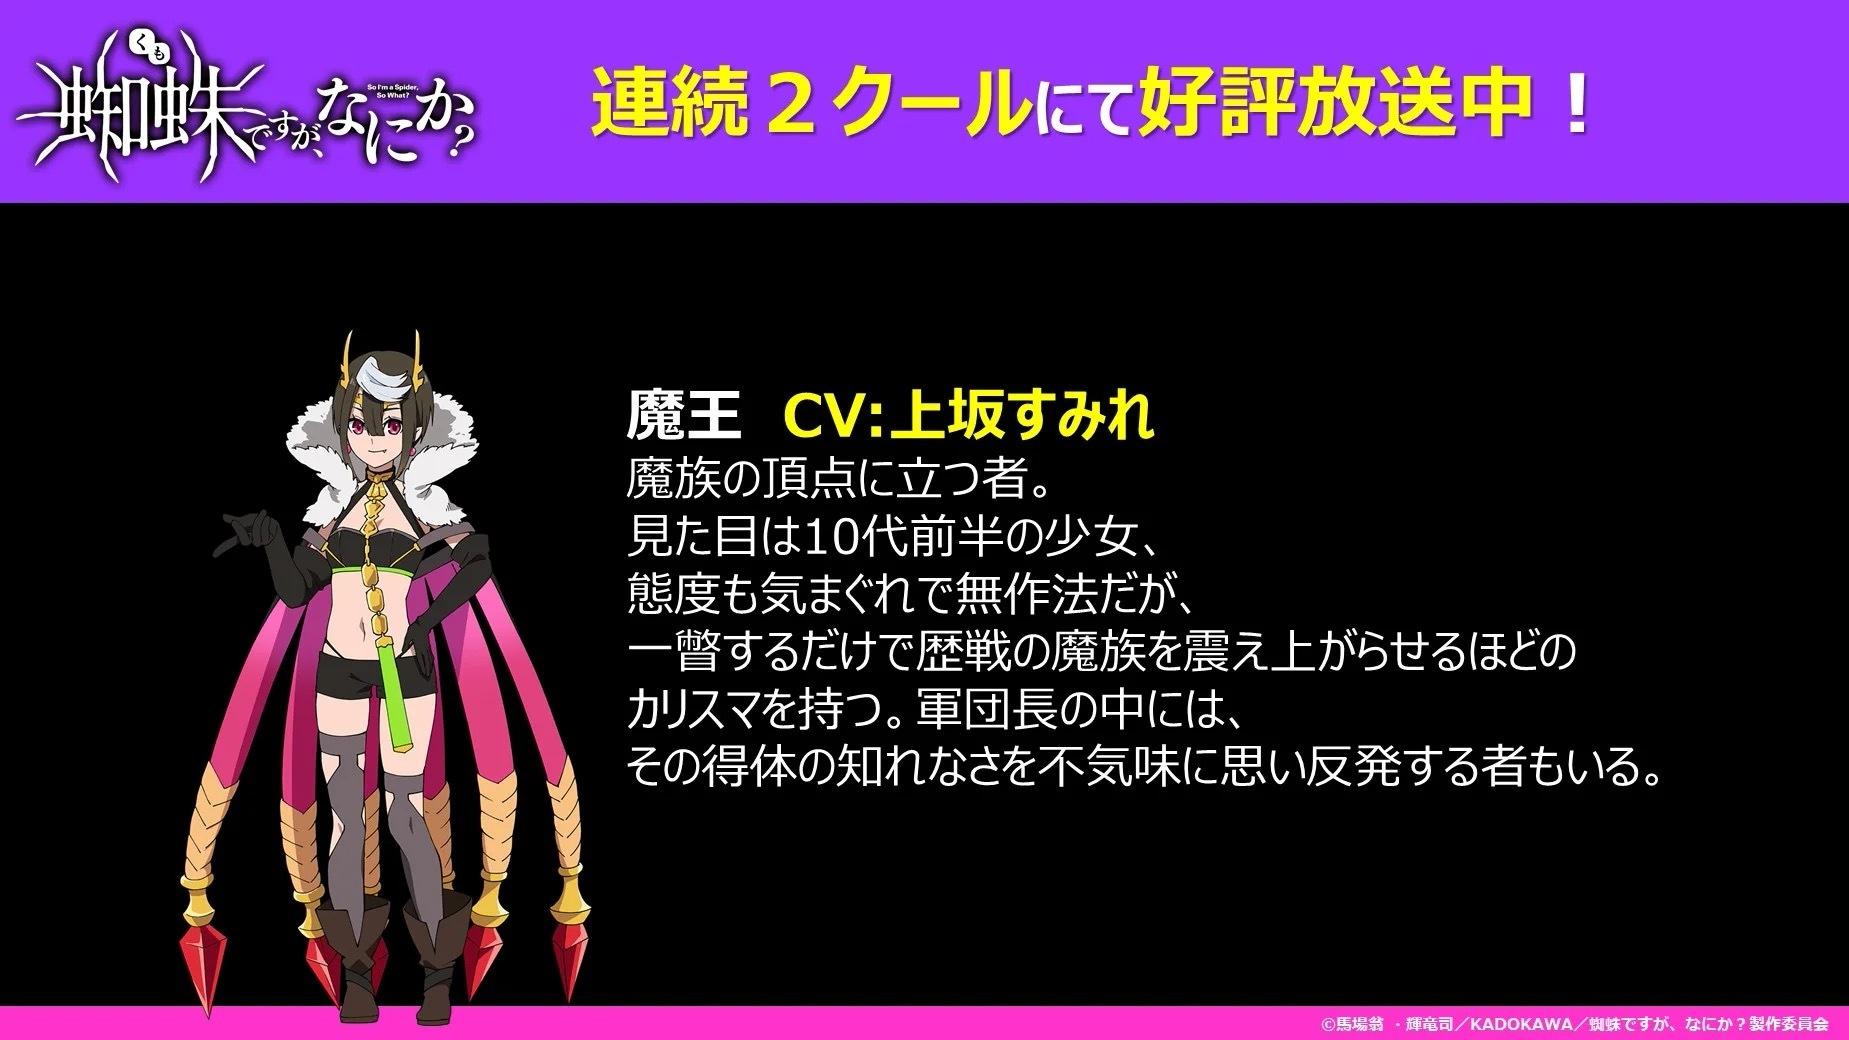 【资讯】TV动画《转生成蜘蛛又怎样!》追加角色和声优。(2月12-小柚妹站